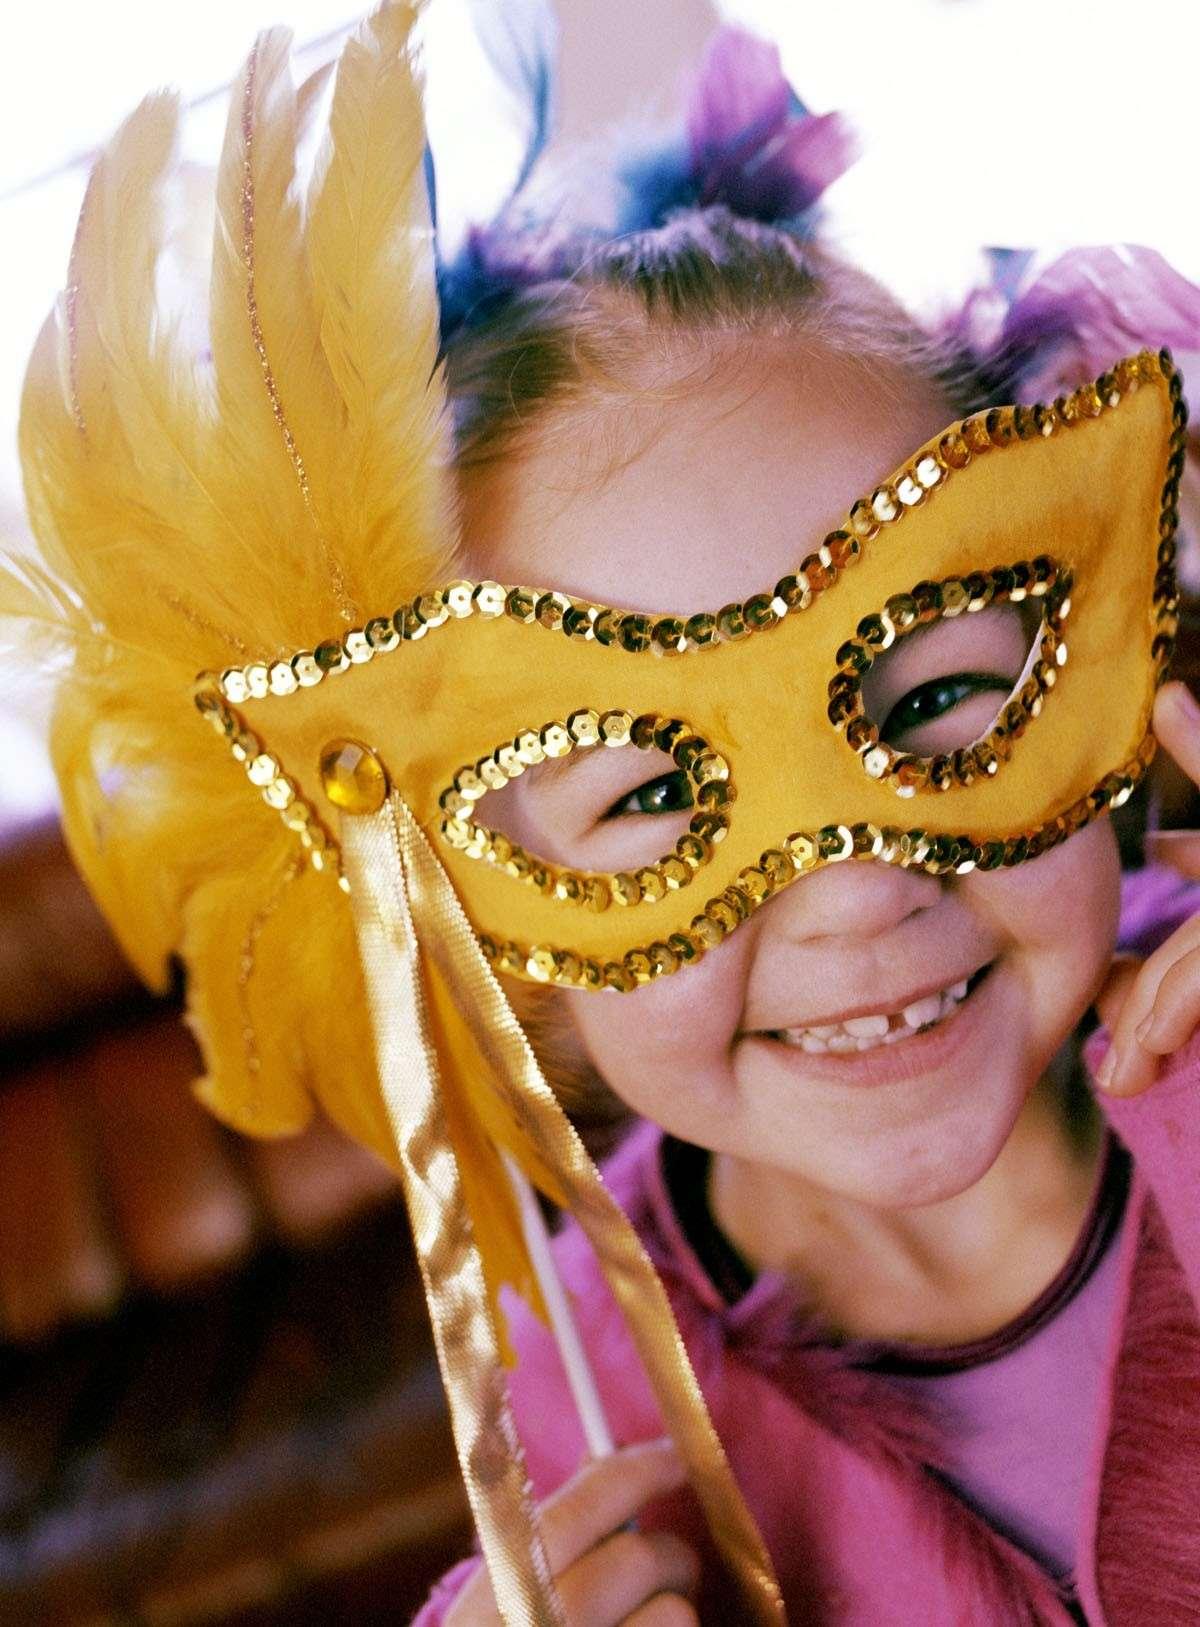 Come organizzare una festa in maschera per il tuo bambino per Carnevale [FOTO]